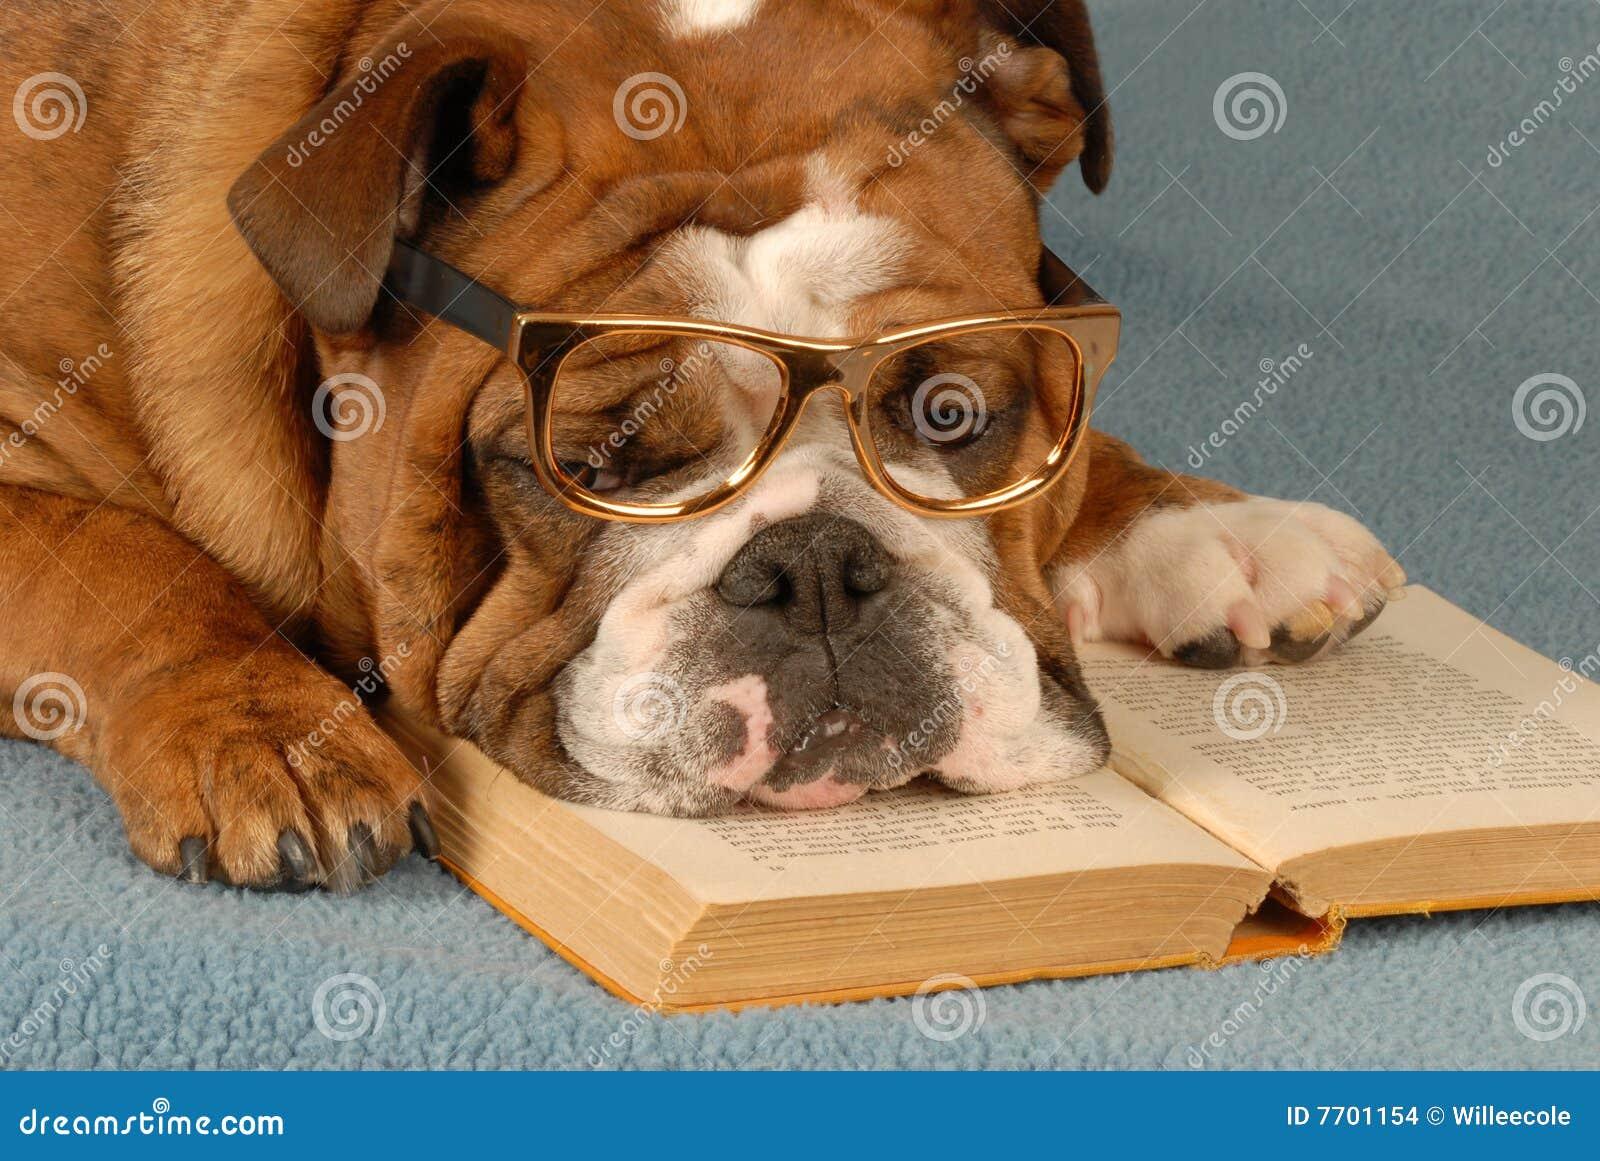 Escuela de la obediencia del perro